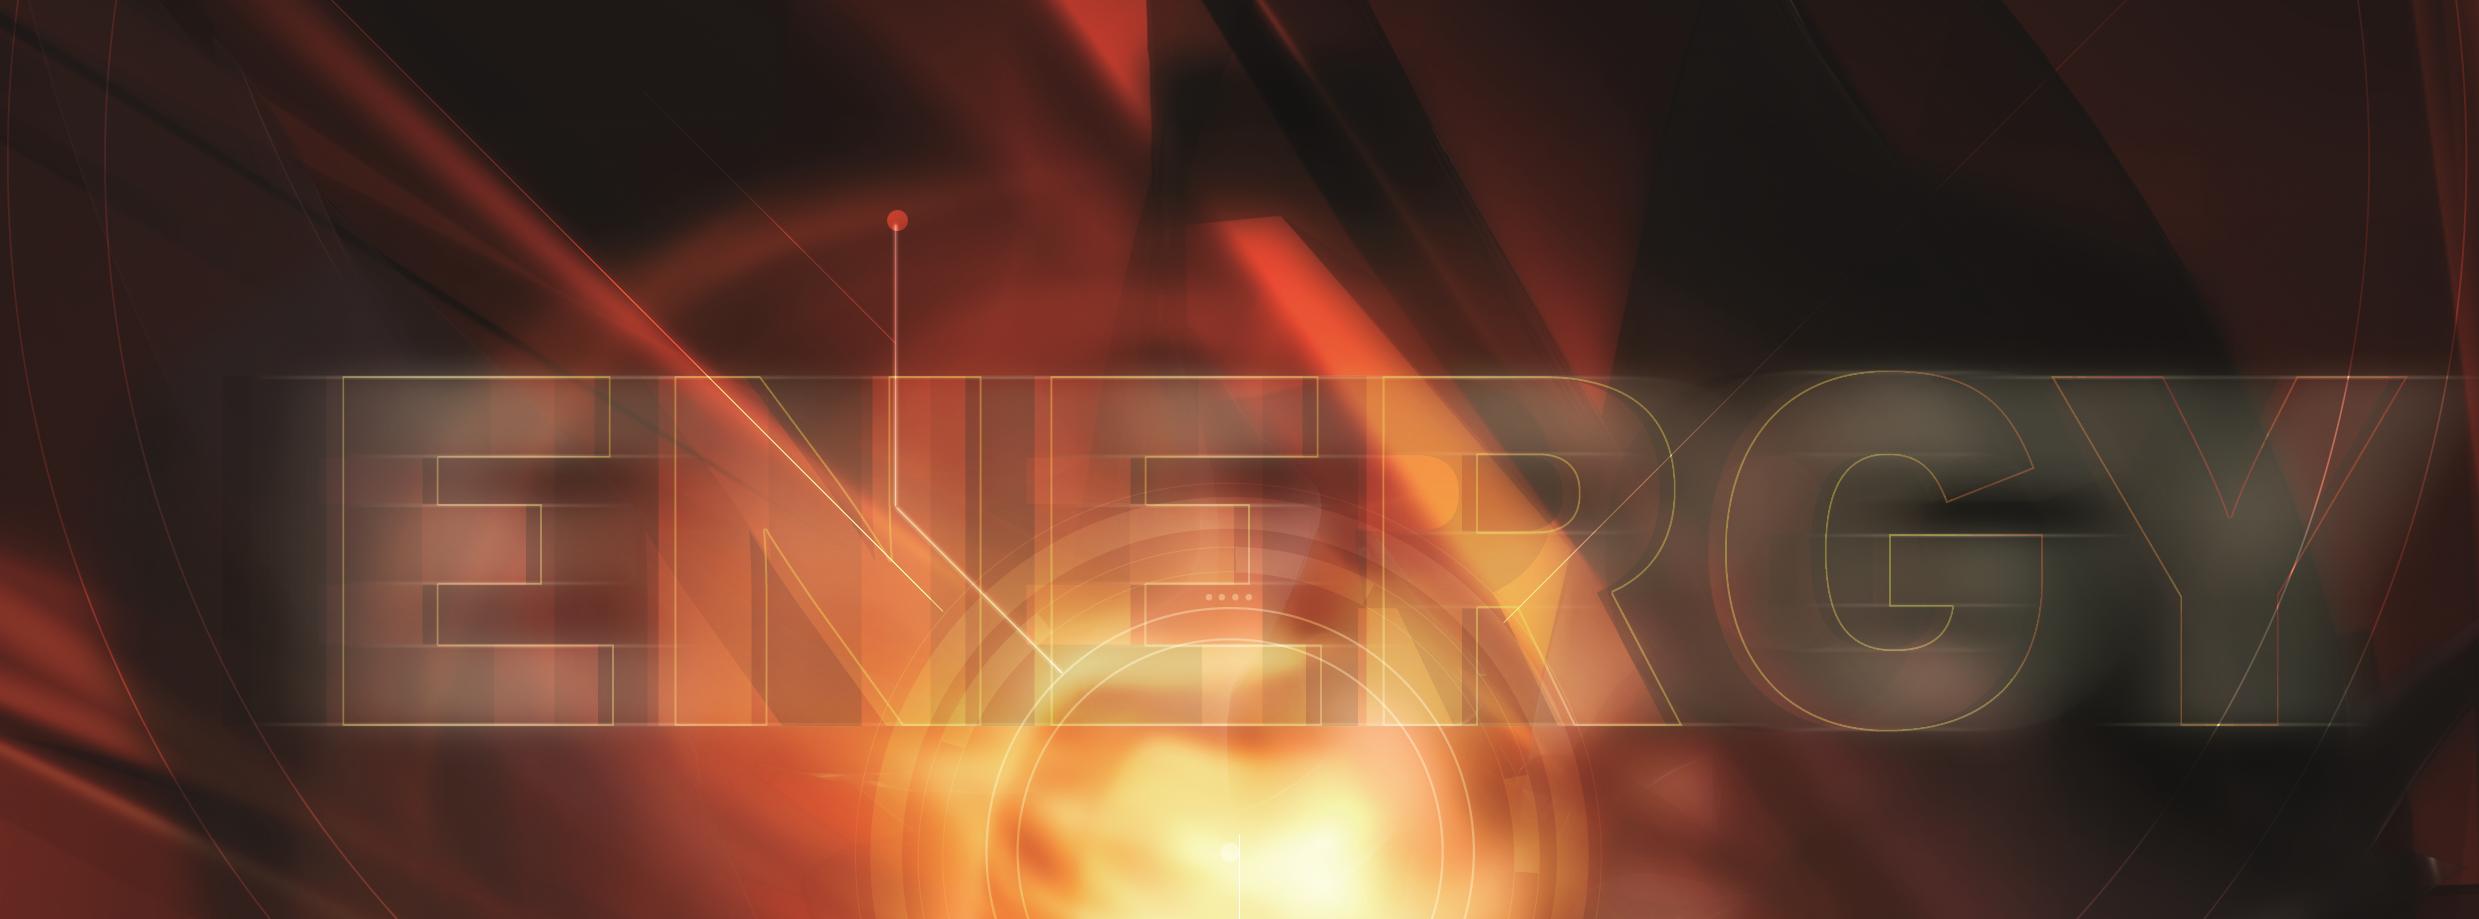 Kopfbild_Bildwelt_Energy